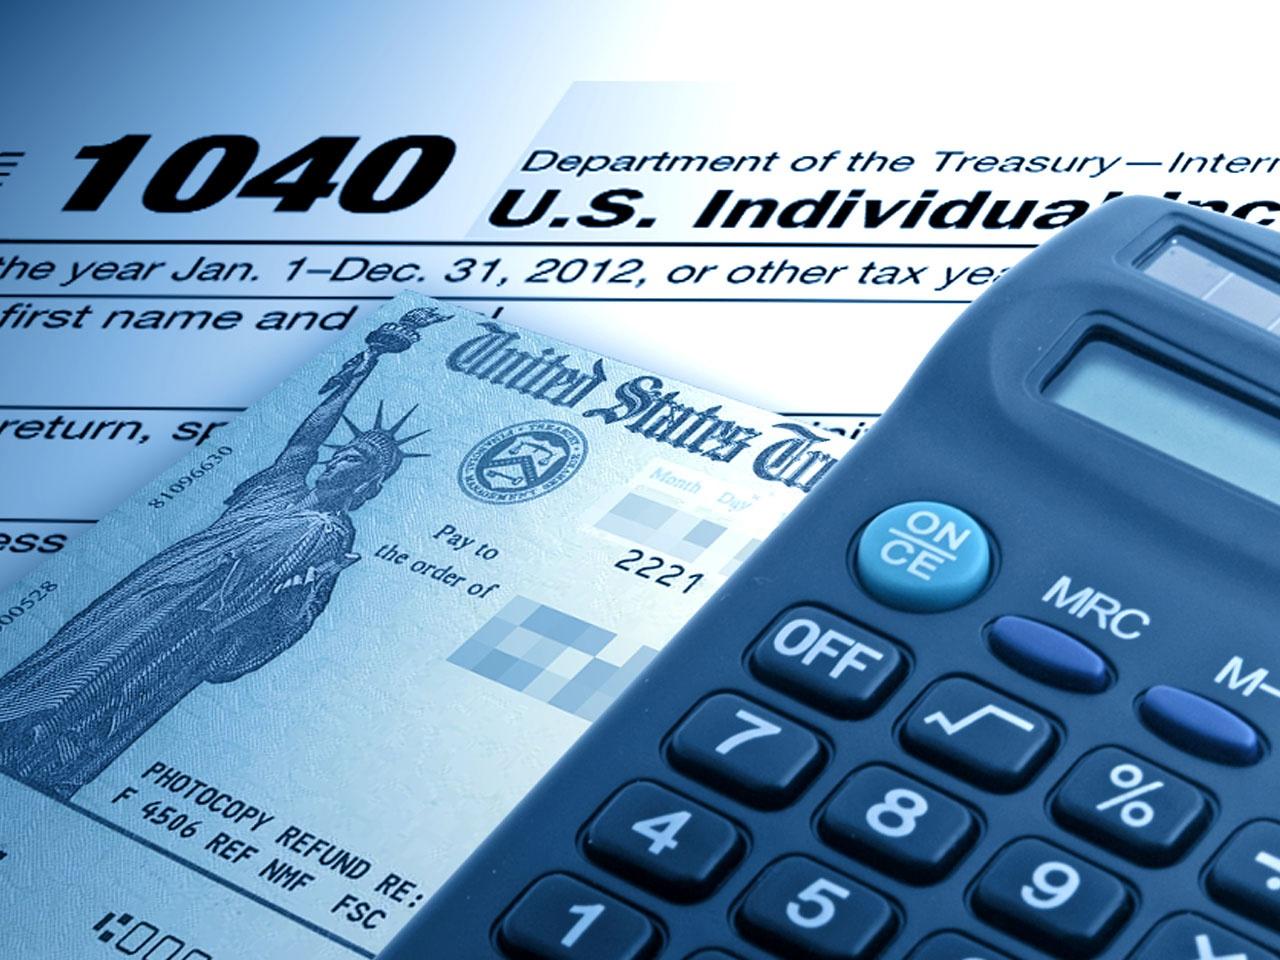 tax return_1553642425520.jpg.jpg